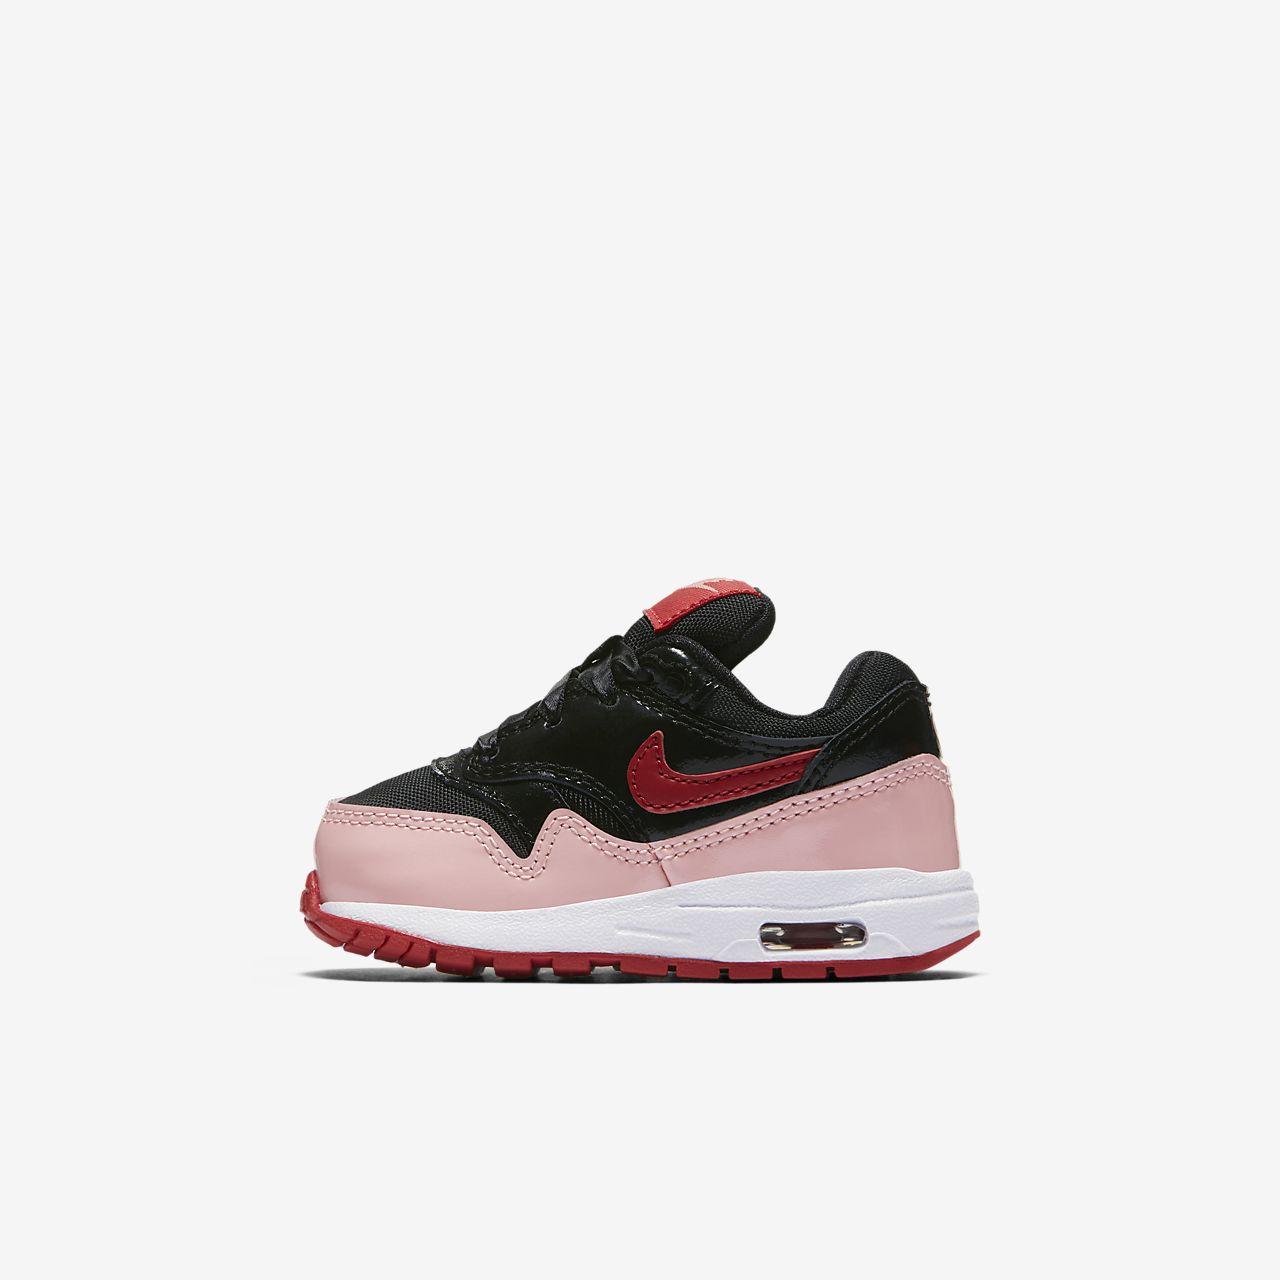 ... Chaussure Nike Air Max 1 QS pour Bébé/Petit enfant